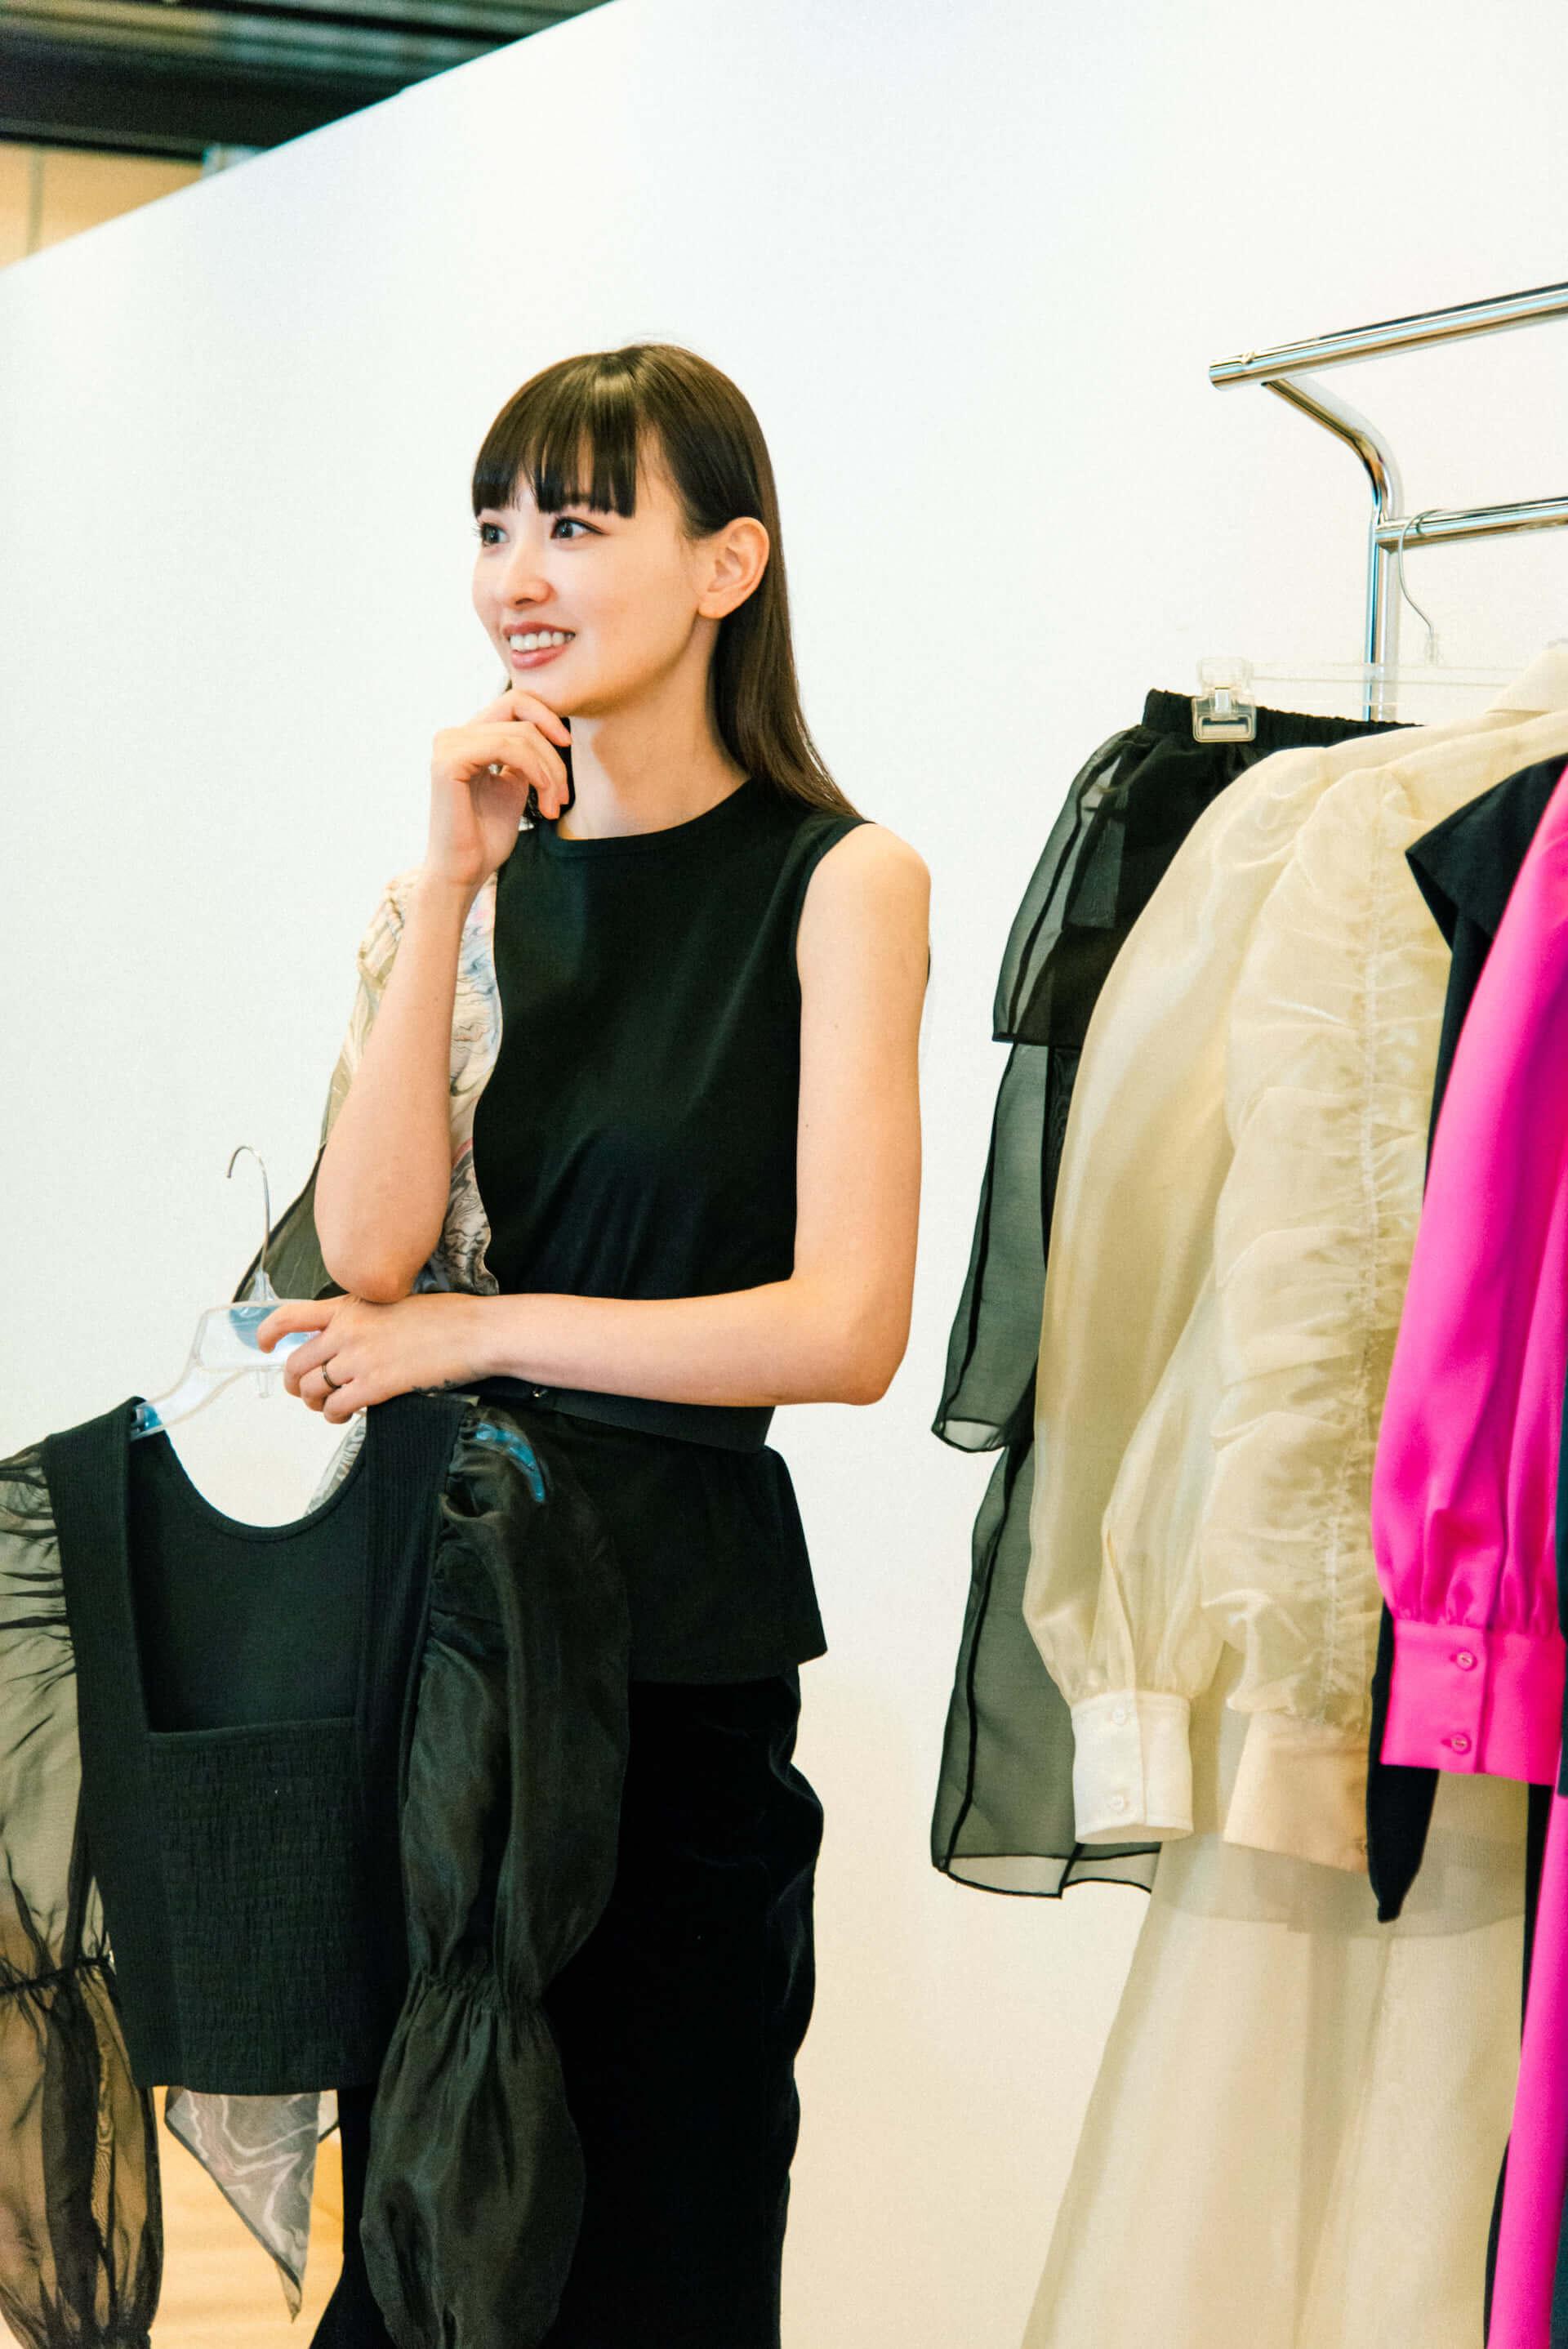 Amazon Fashionの新プログラム「The Drop」から鈴木えみが手がけるコレクションがローンチ!デザイナーとしての素顔に迫る interview1008_emisuzuki_3554-Edit-fix-1920x2876